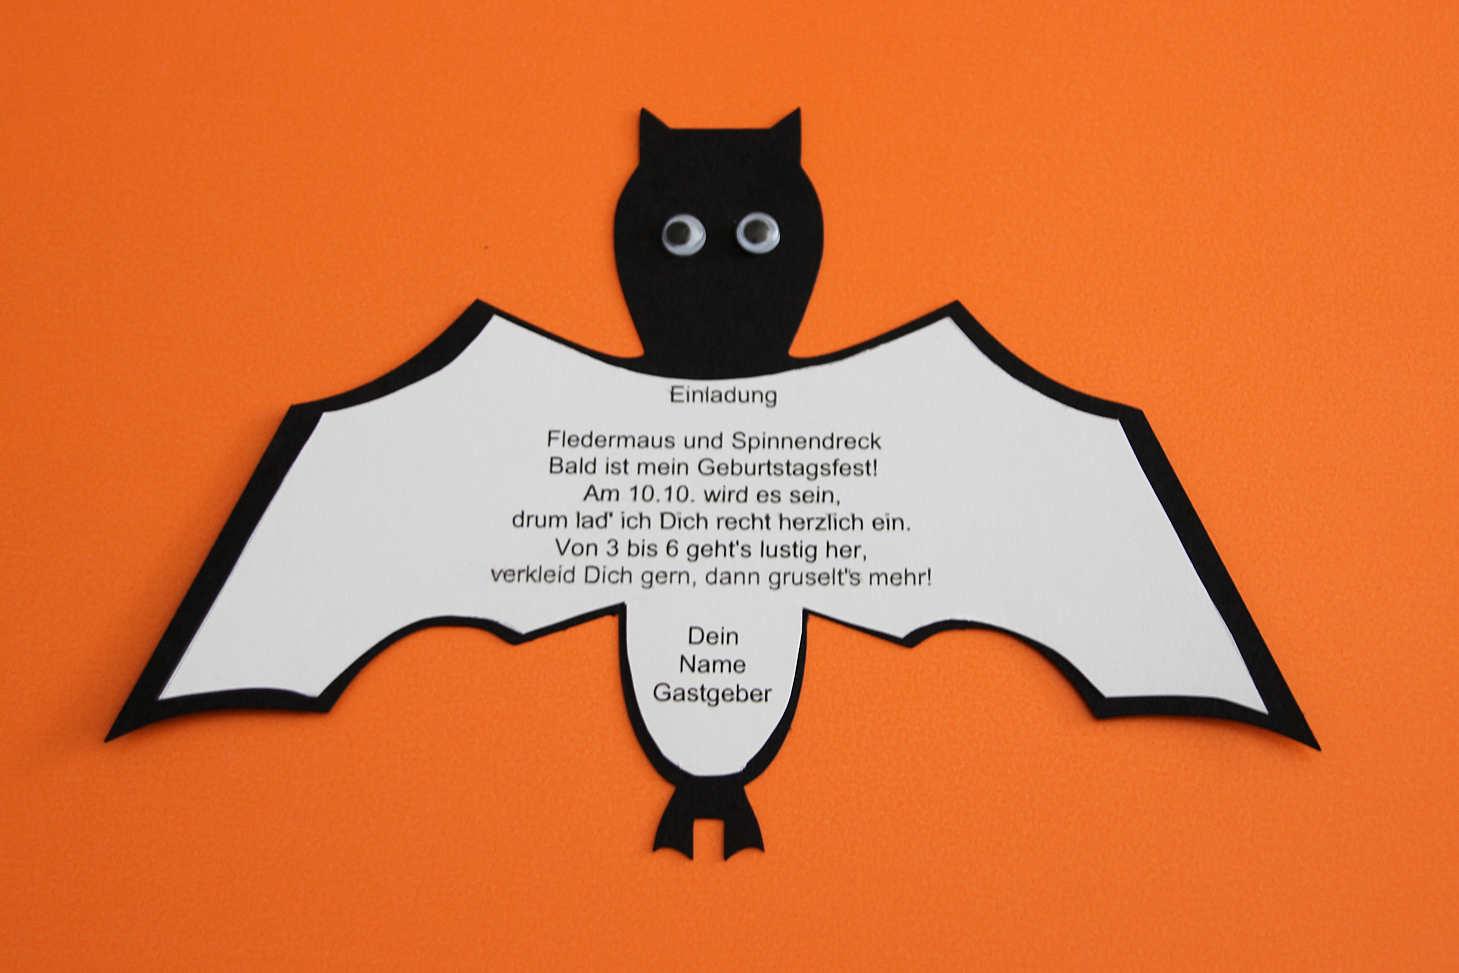 Halloween Einladung Fledermaus ⋆ Kindergeburtstag-Planen.de über Halloween Einladung Vorlagen